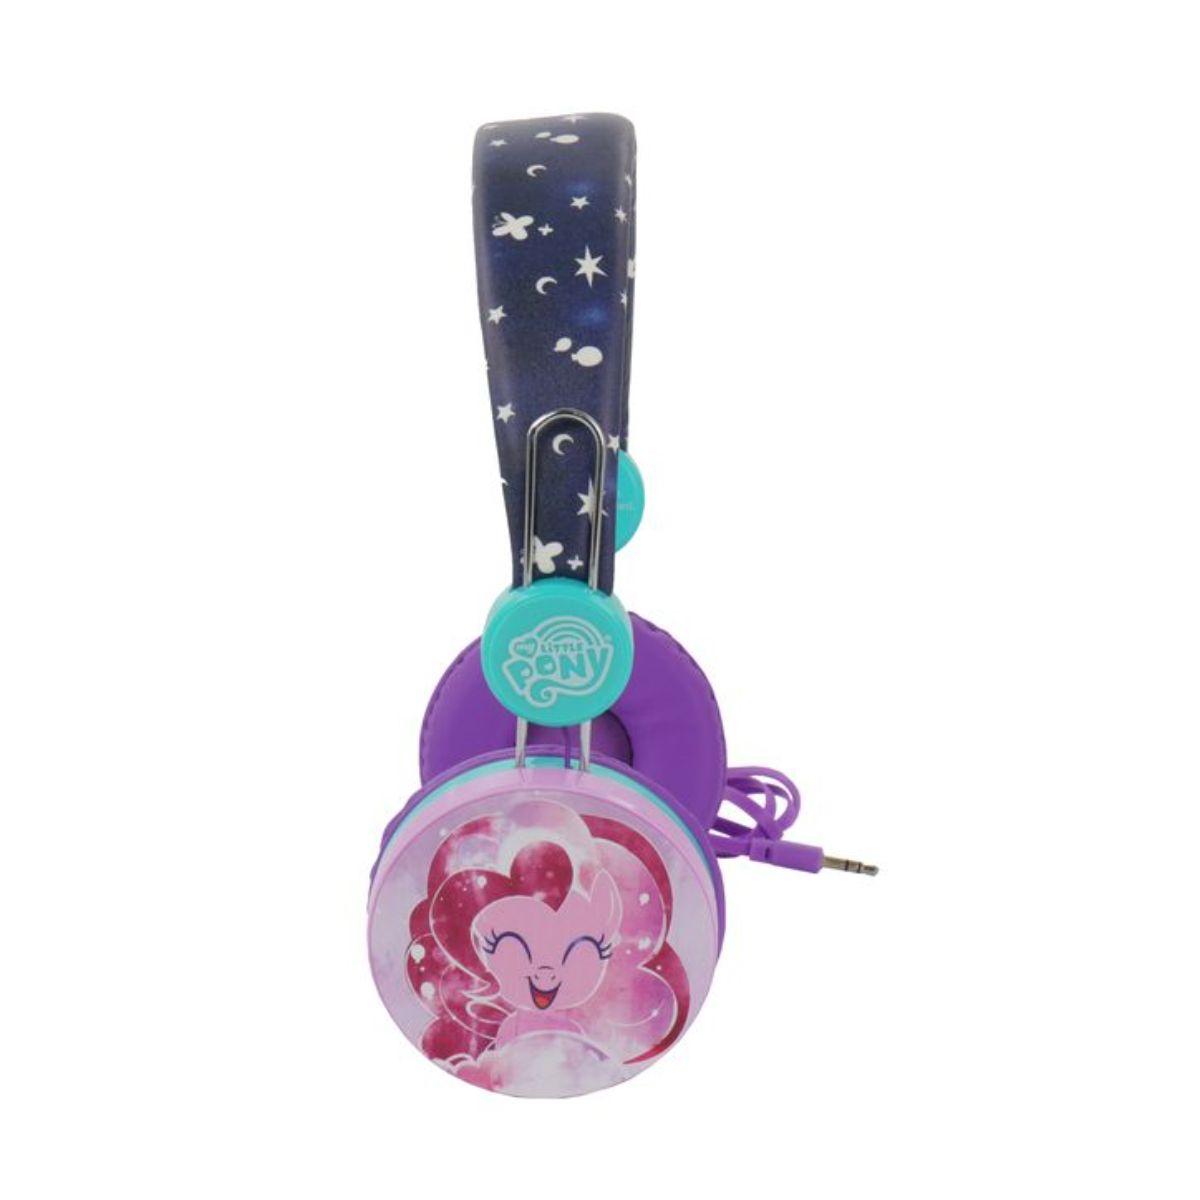 audifonos my little pony 4 1 1